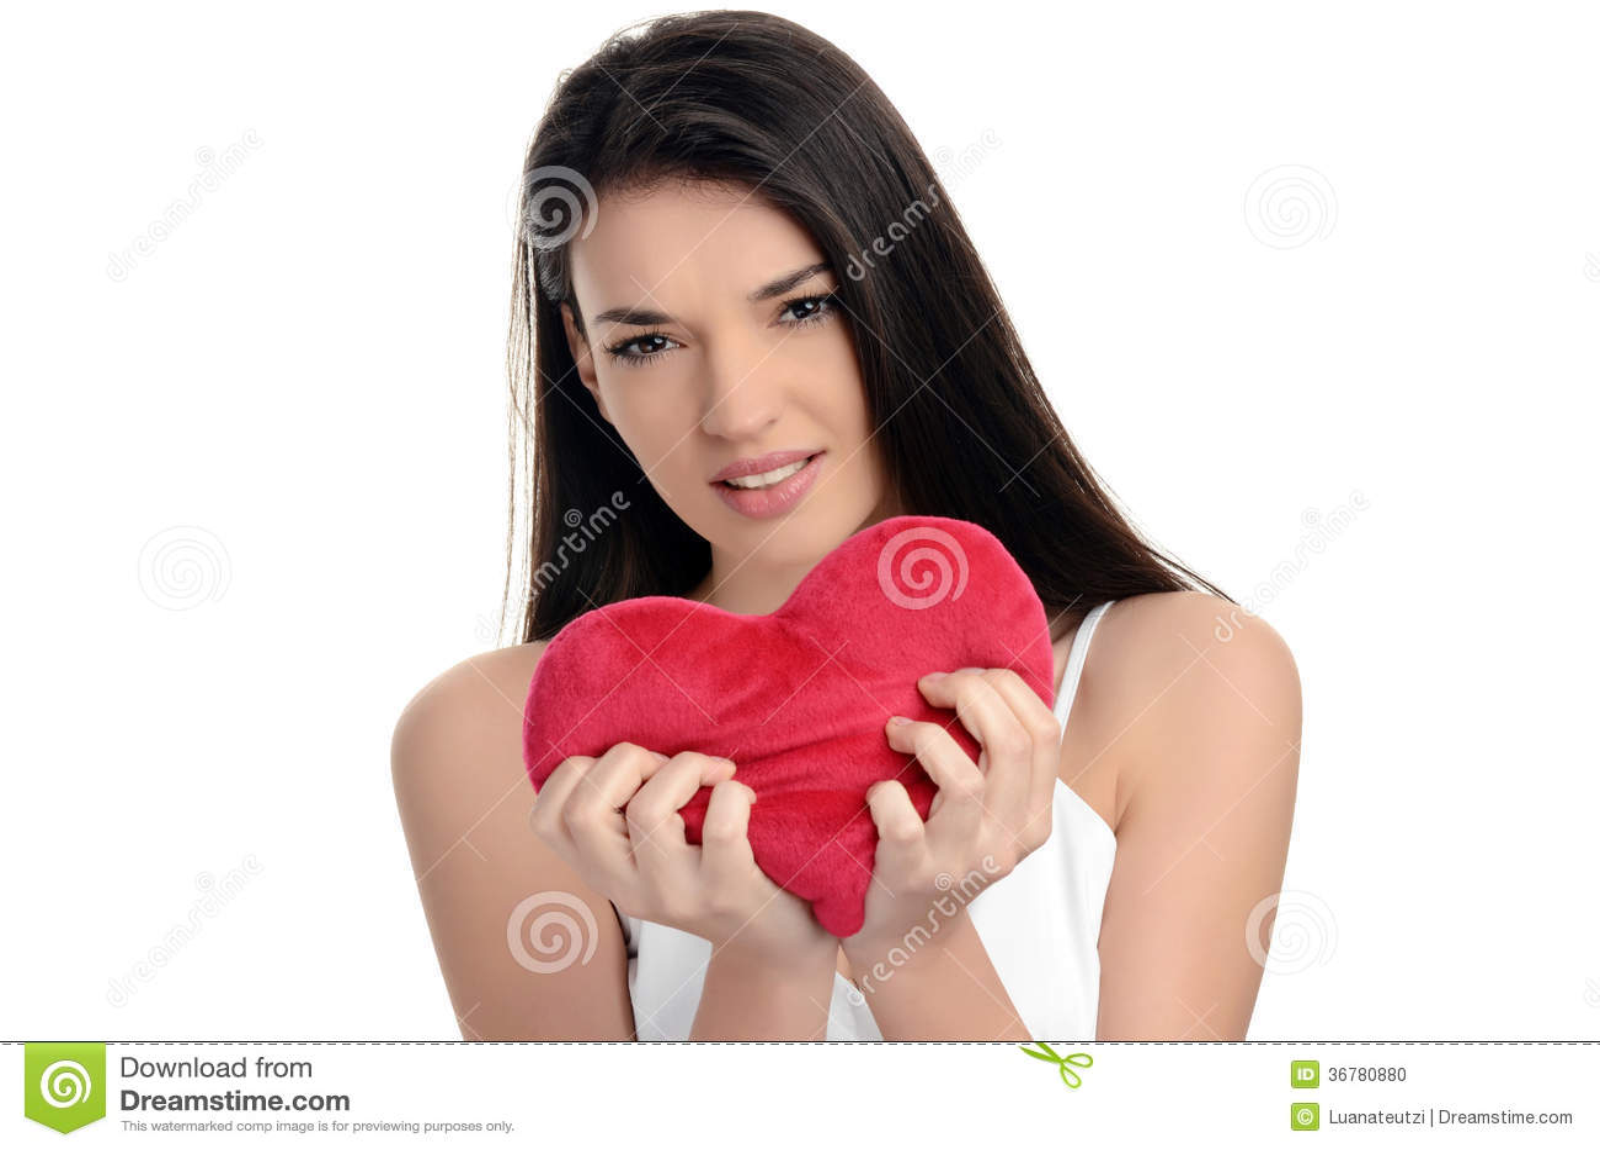 ryhjrt une jeune fille tenant un cœur Couvre-lit en coton